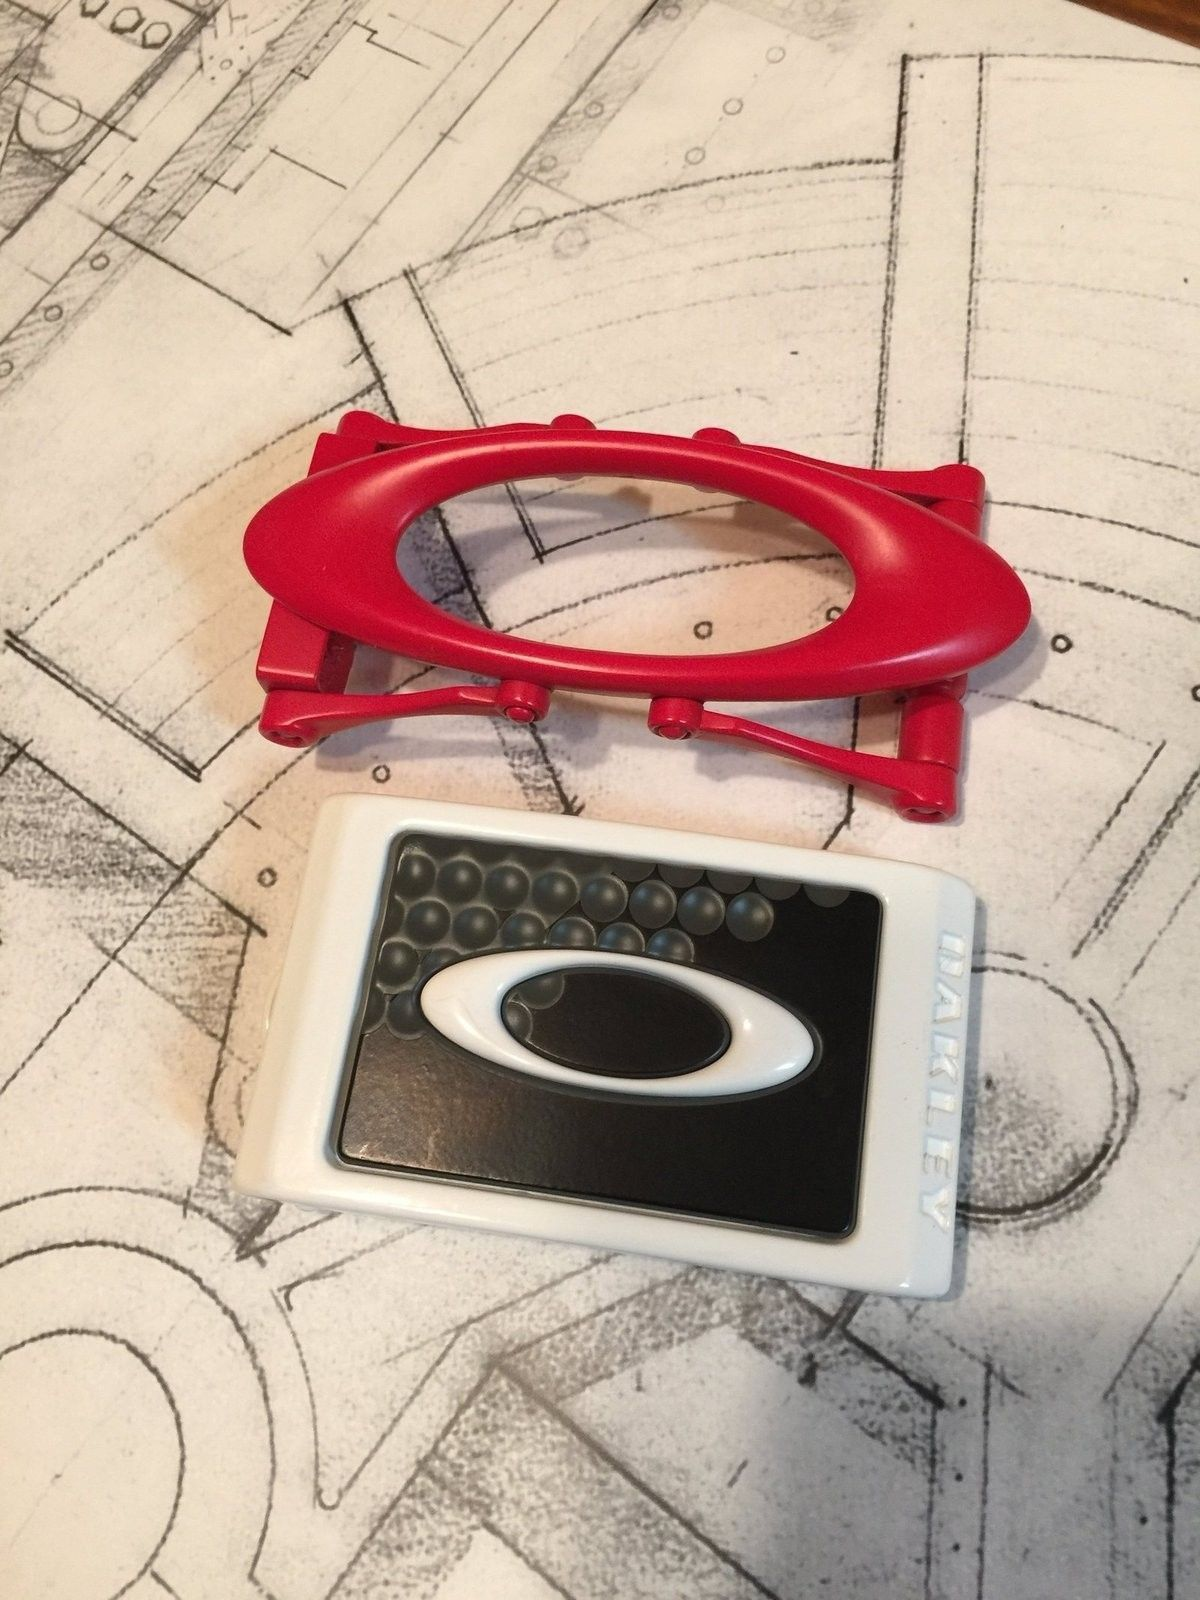 Oakley belt buckles - image.jpeg